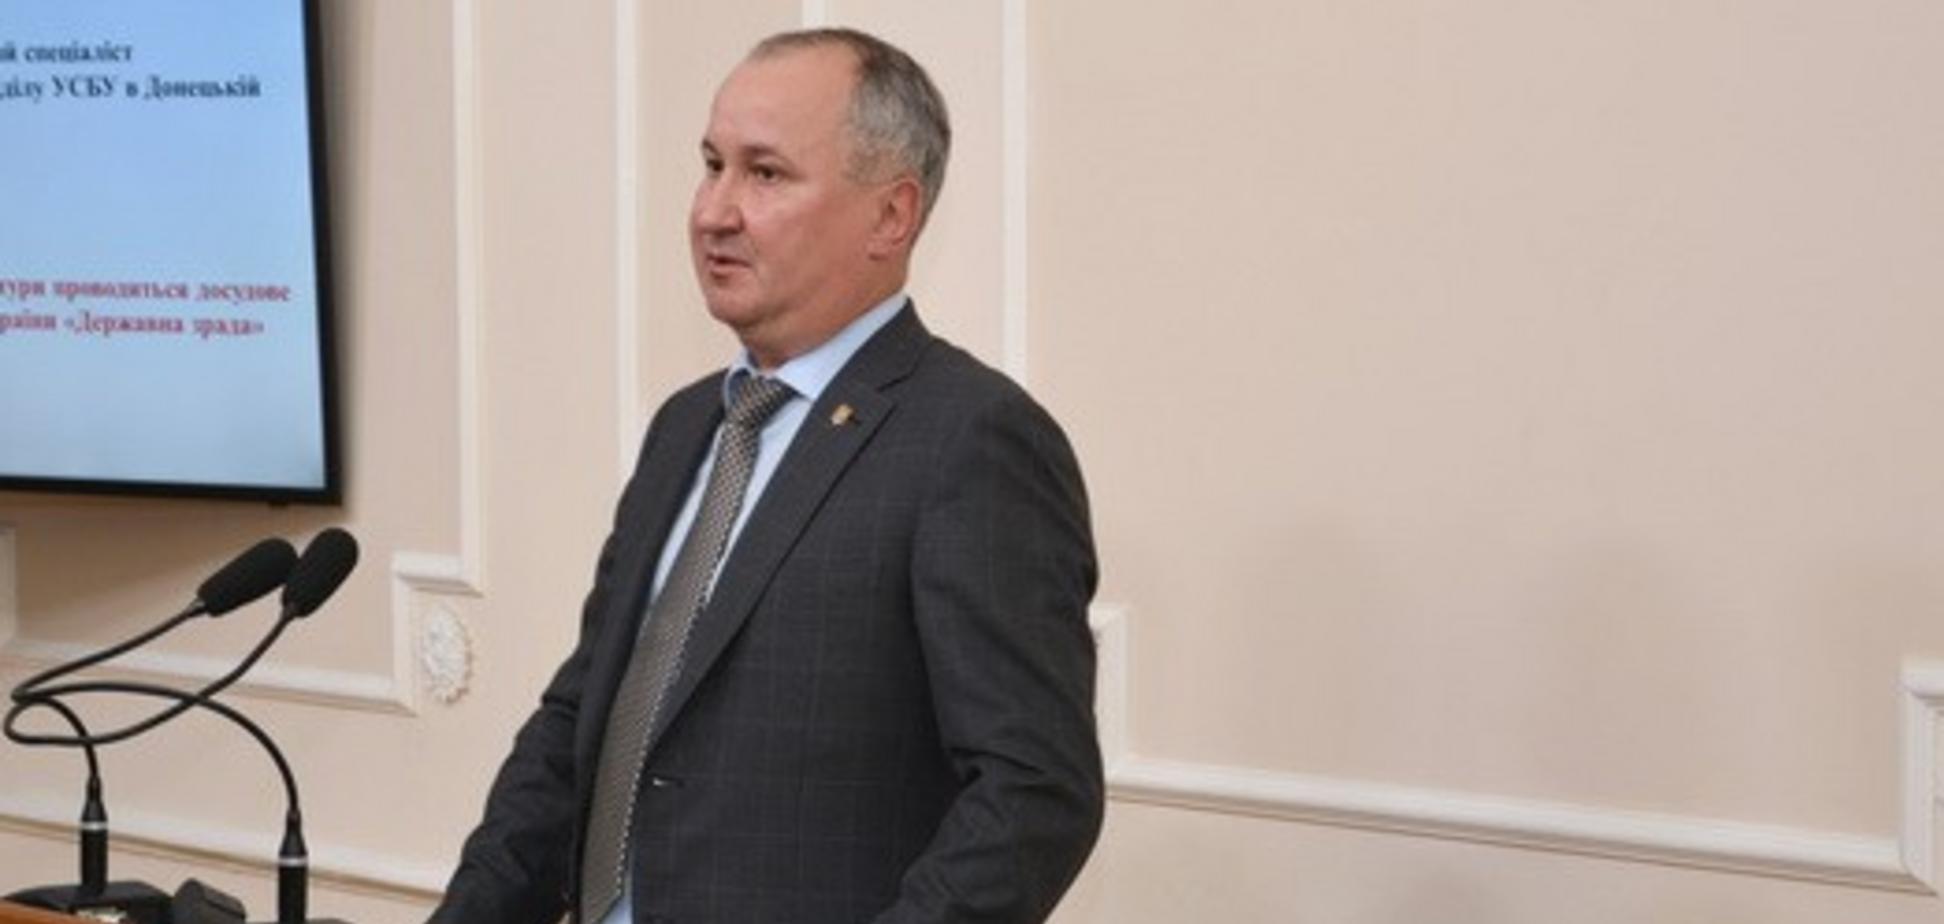 Бойко и Медведчук в Москве: СБУ связала визит с терактом в Харькове